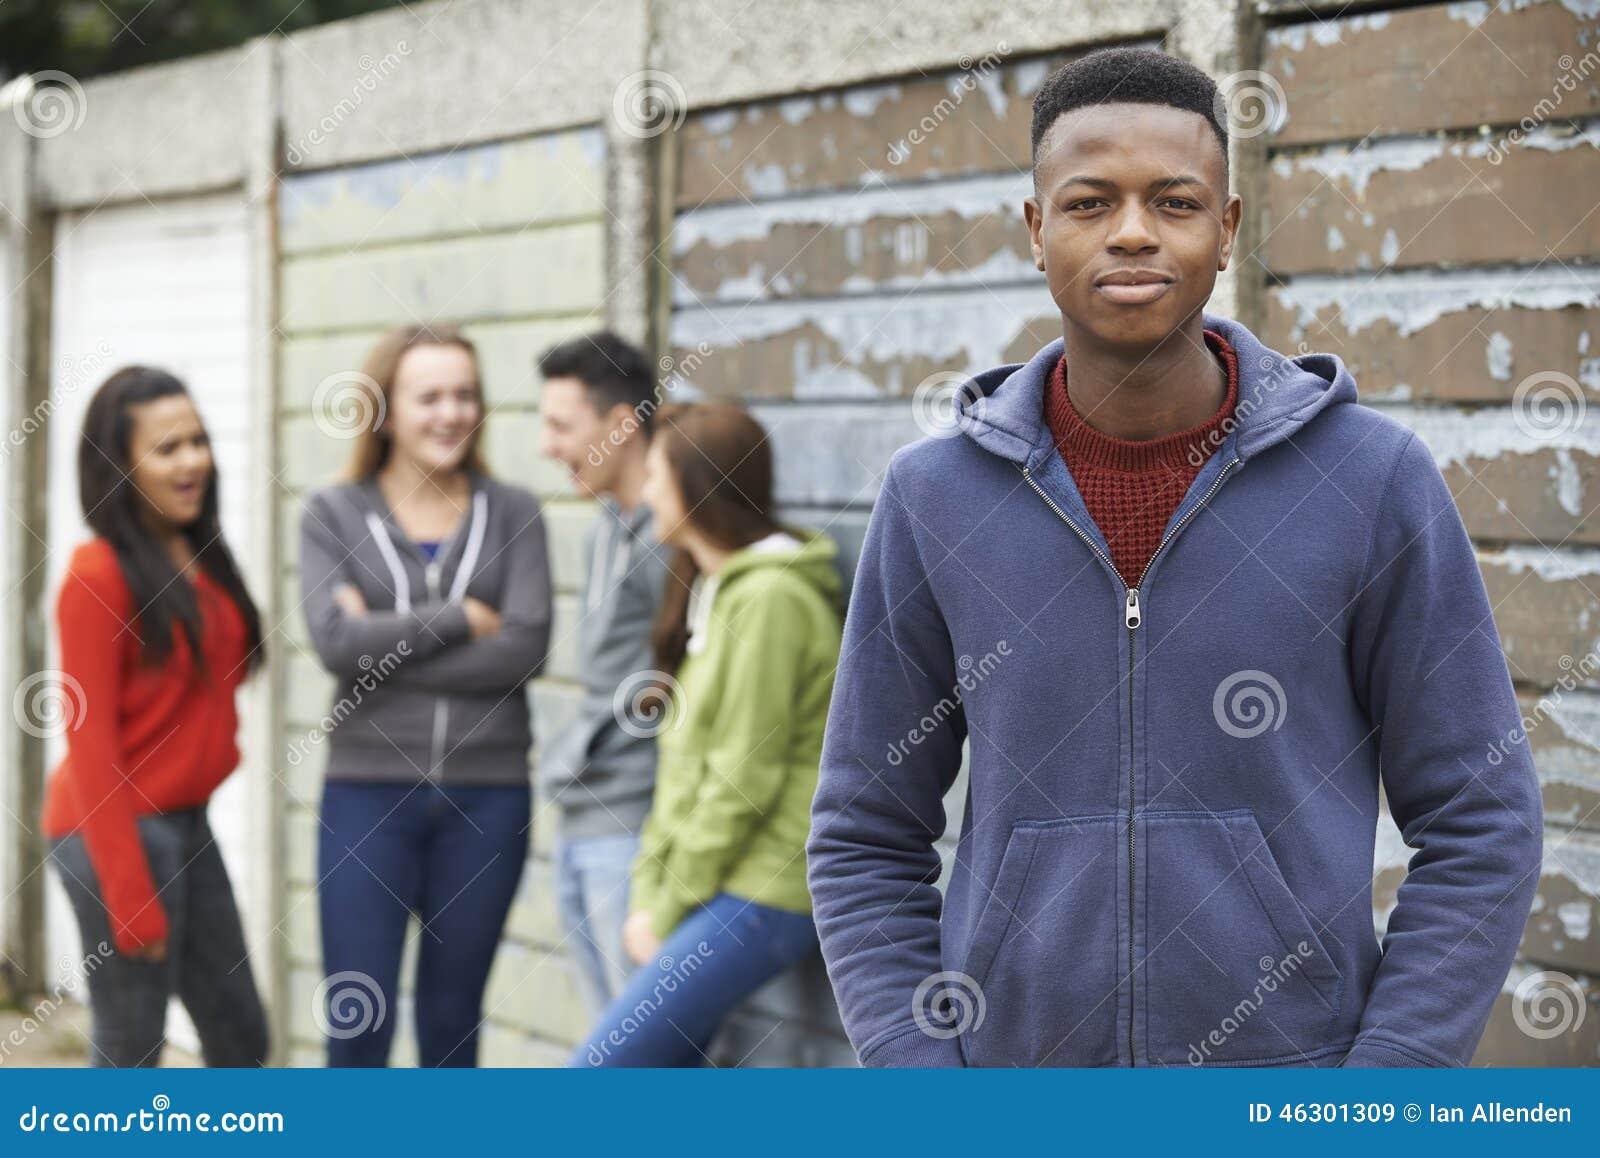 Troep van Tieners die uit in Stedelijk Milieu hangen